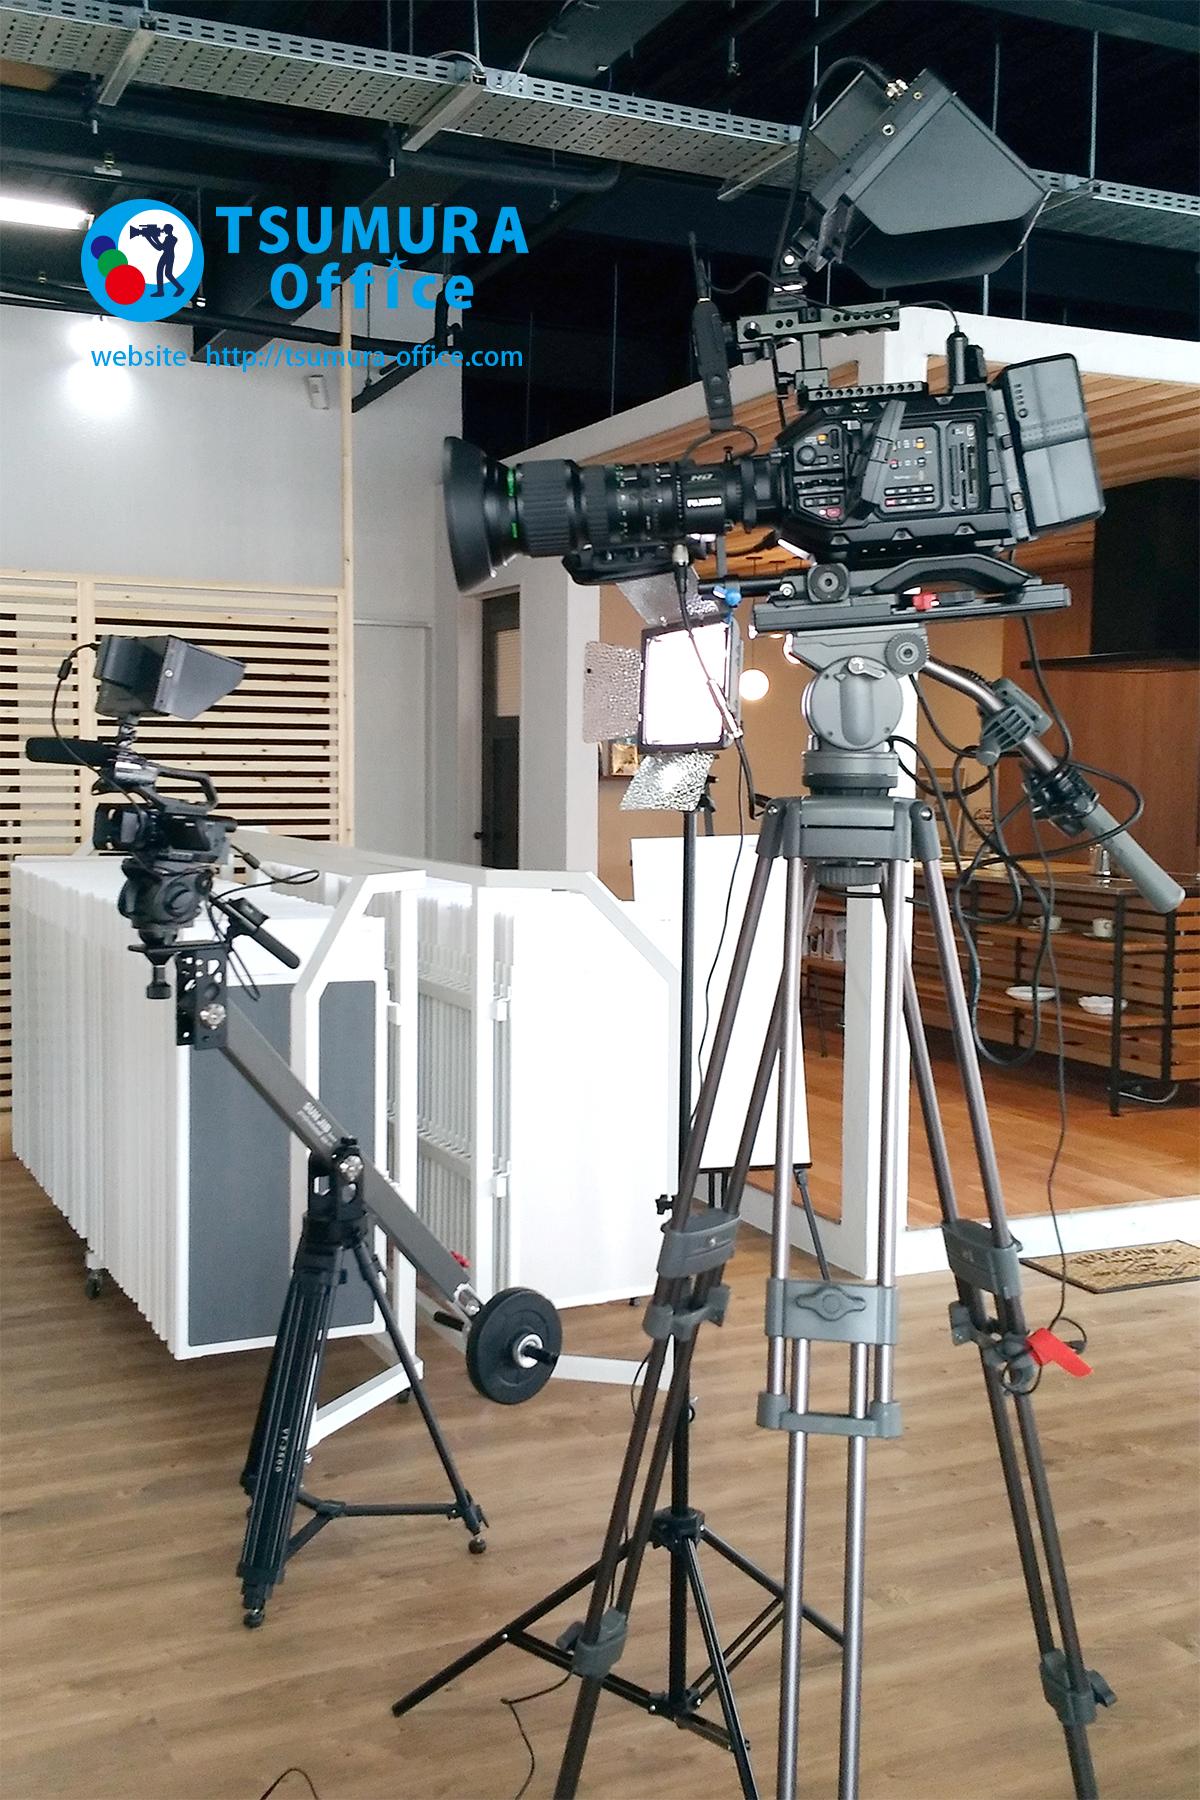 4K映像撮影はツムラオフィスへ!